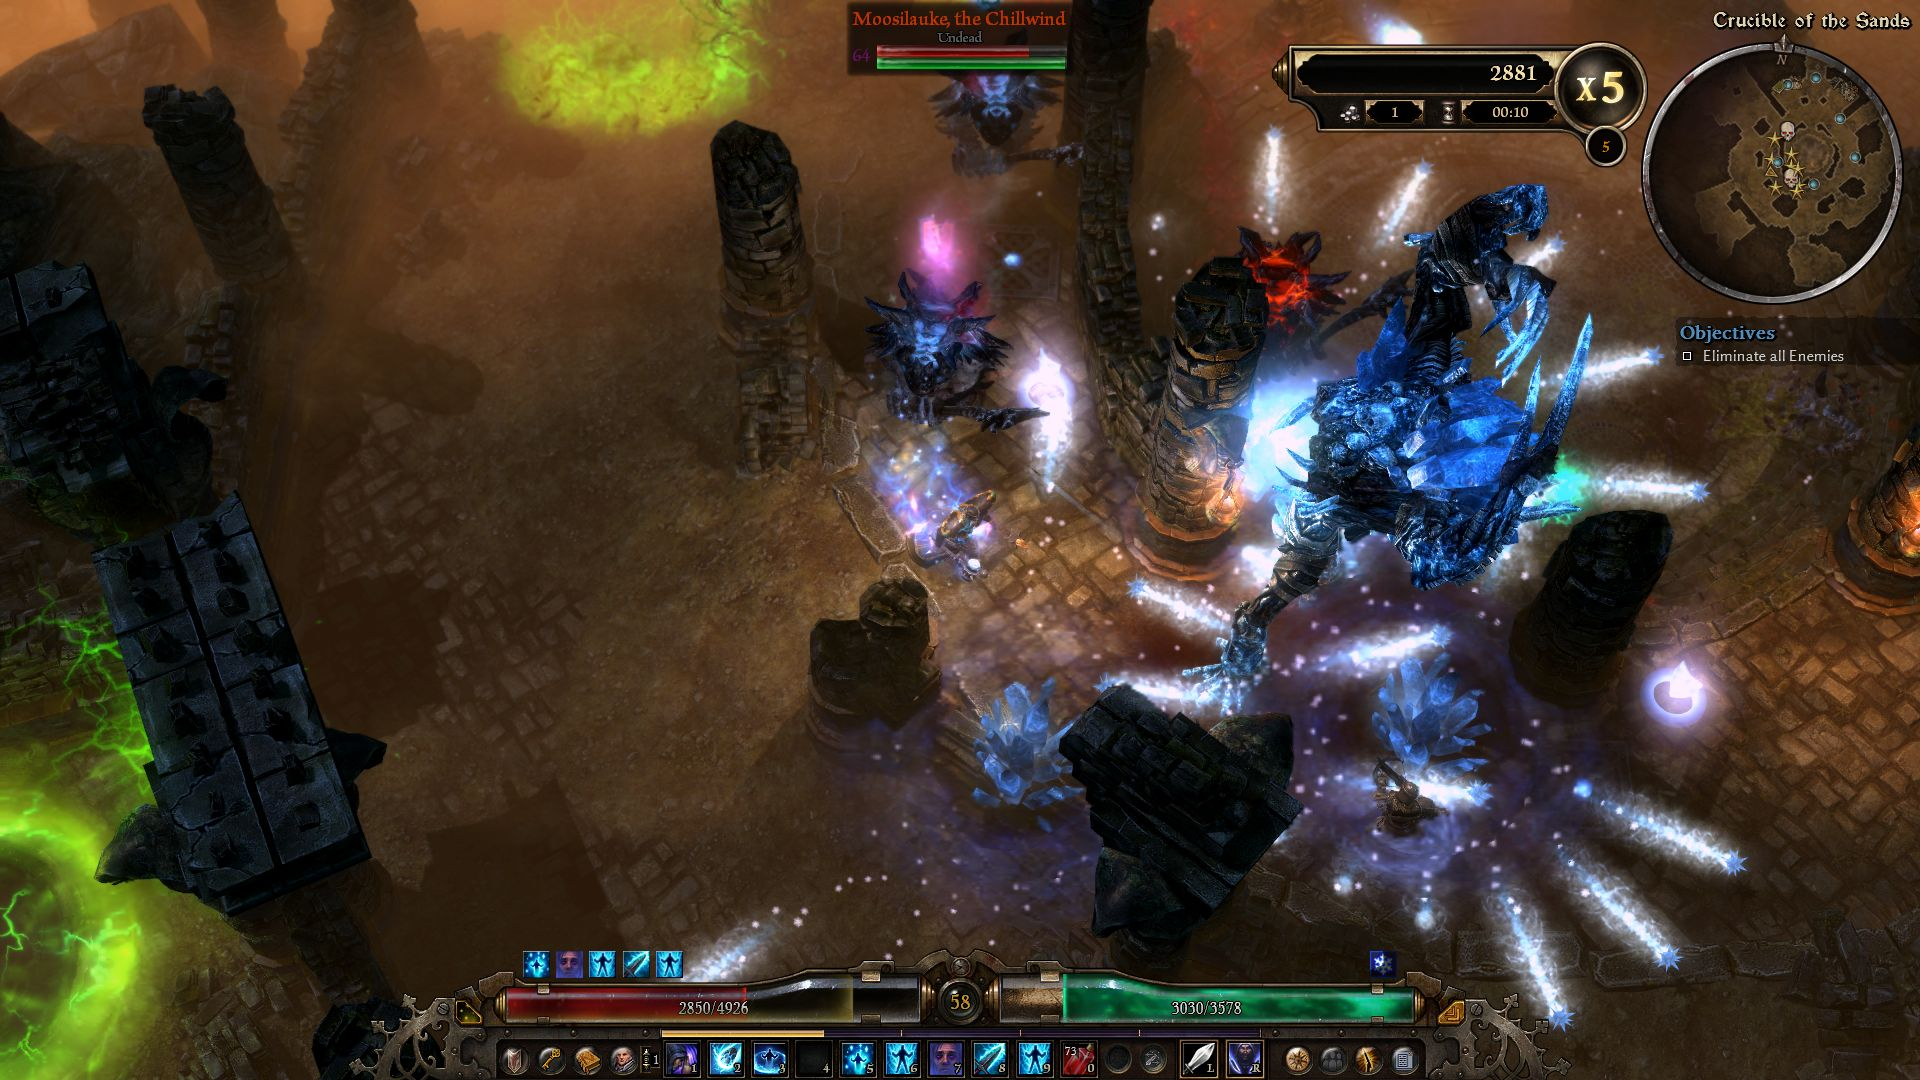 Grim Dawn Crucible Mode Dlc On Steam